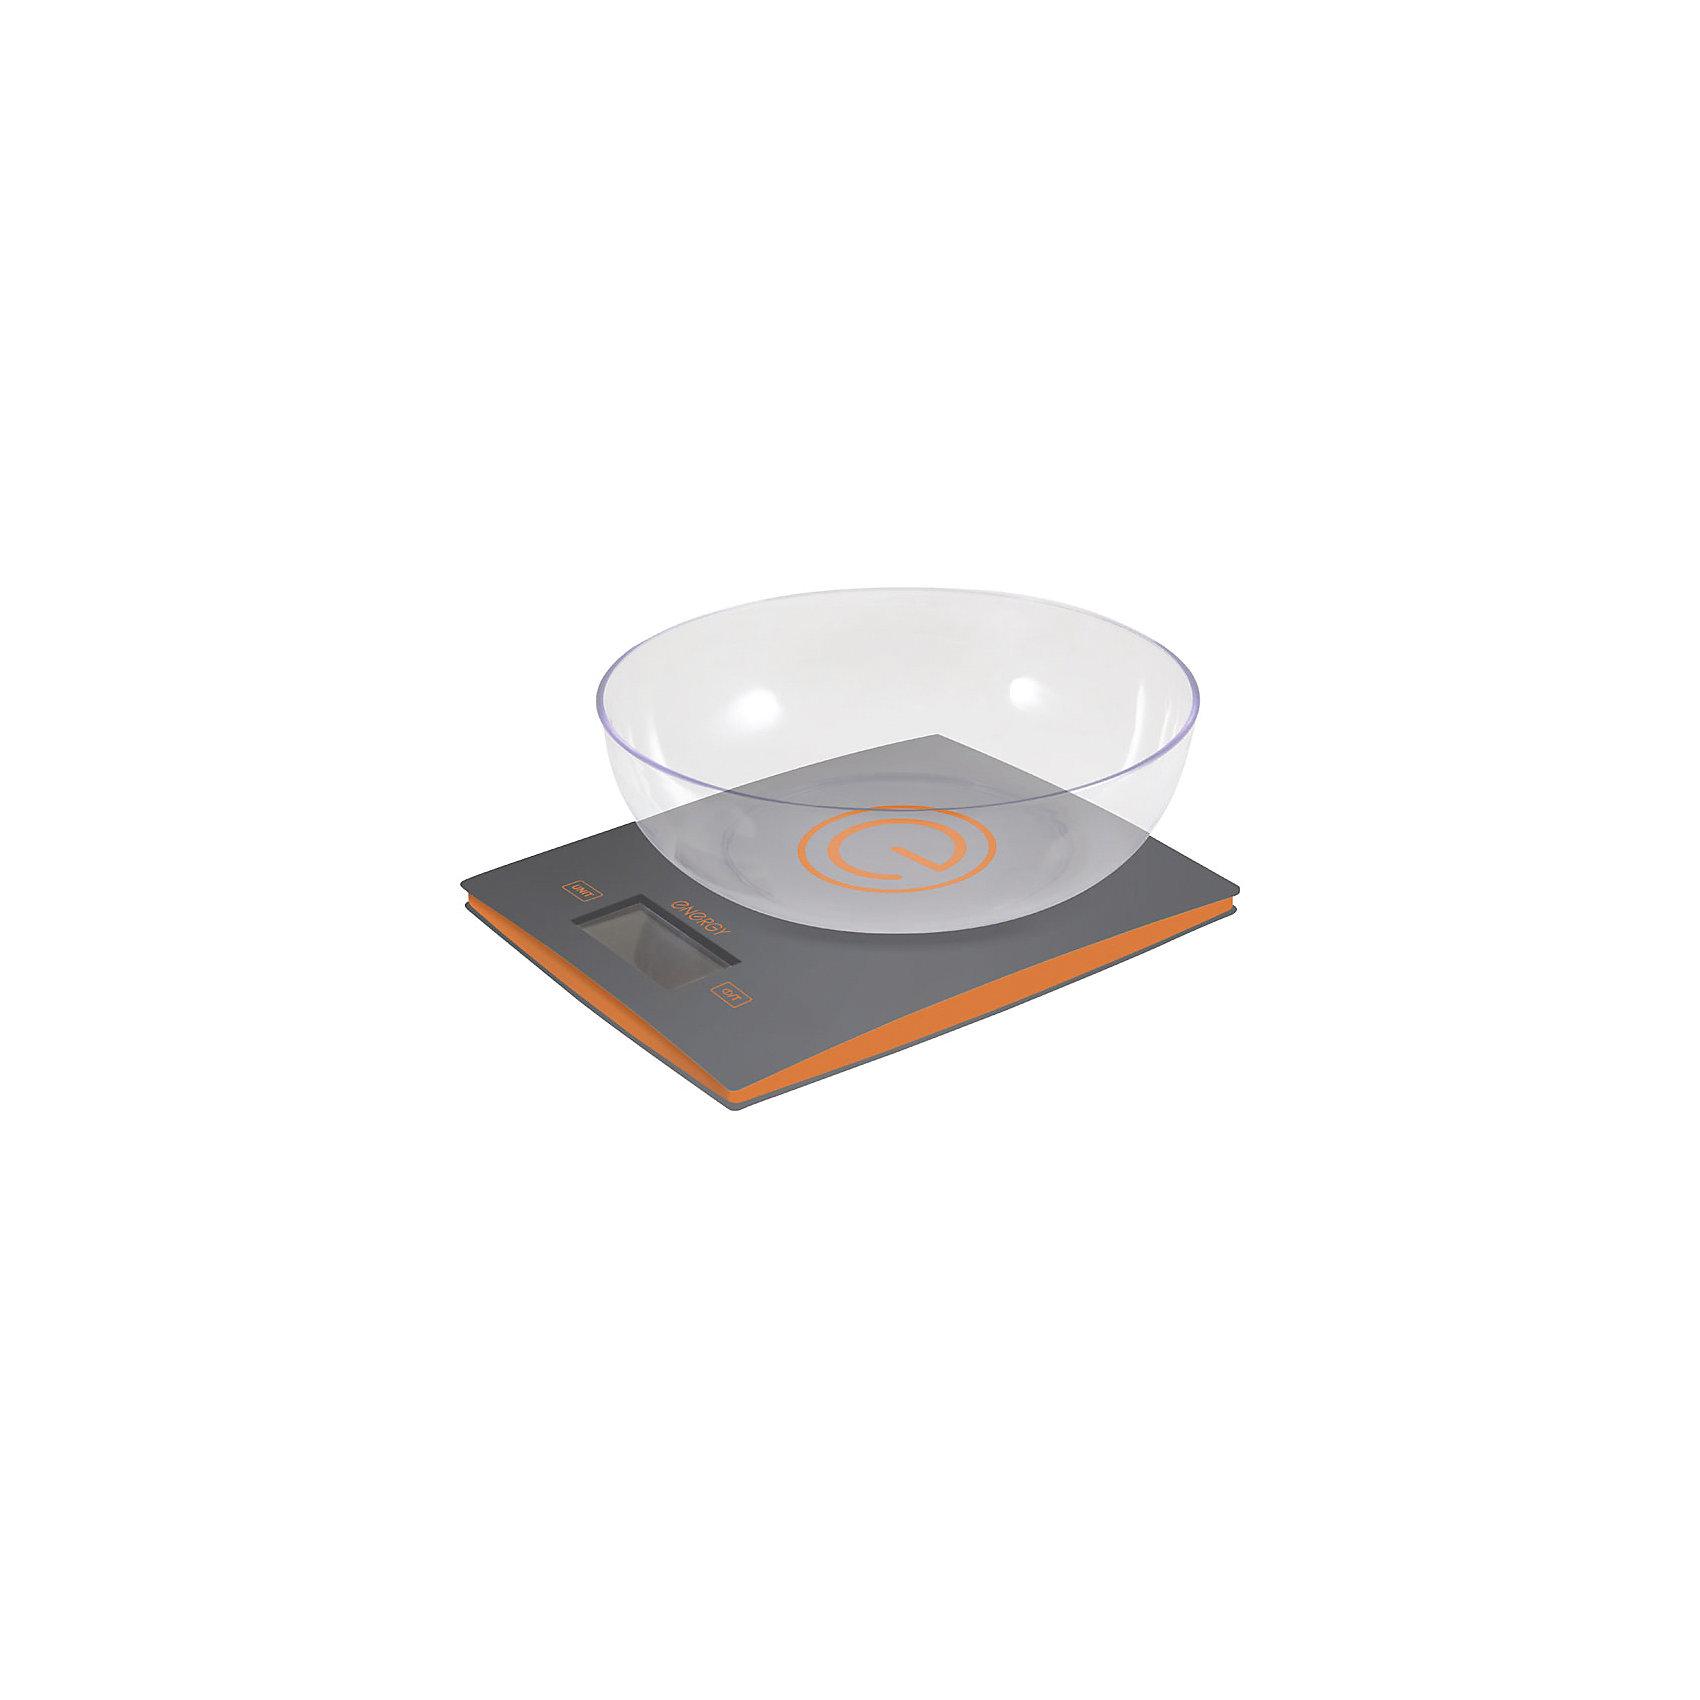 Весы кухонные электронные EN-424, Energy, серыйБытовая техника для кухни<br>Кухонные весы с чашей пригодятся для измерения веса продуктов и определения точной пропорции. Электронные весы оснащены индикатором перегрузки и заряда батареи, системой автоотключения, есть функция «тара». LCD дисплей (белые цифры на черном фоне). Предусмотрена возможность выбора единицы измерения: грамм/фунт/унция/кг.<br><br>Дополнительная информация:<br><br>Размеры весов: 20х16х2 см<br>Размер дисплея: 5,8х2,7 см<br><br>Цена деления: 1 г<br>Объем чаши: 2 л<br>Максимальная нагрузка: 5 кг<br><br>Тип управления: сенсорное управление<br><br>Батарейки входят в комплект: 2 шт. типа ААА<br><br>Весы кухонные электронные EN-424, Energy, цв.серый можно купить в нашем интернет-магазине.<br><br>Ширина мм: 210<br>Глубина мм: 200<br>Высота мм: 90<br>Вес г: 538<br>Возраст от месяцев: 6<br>Возраст до месяцев: 1080<br>Пол: Унисекс<br>Возраст: Детский<br>SKU: 4989870